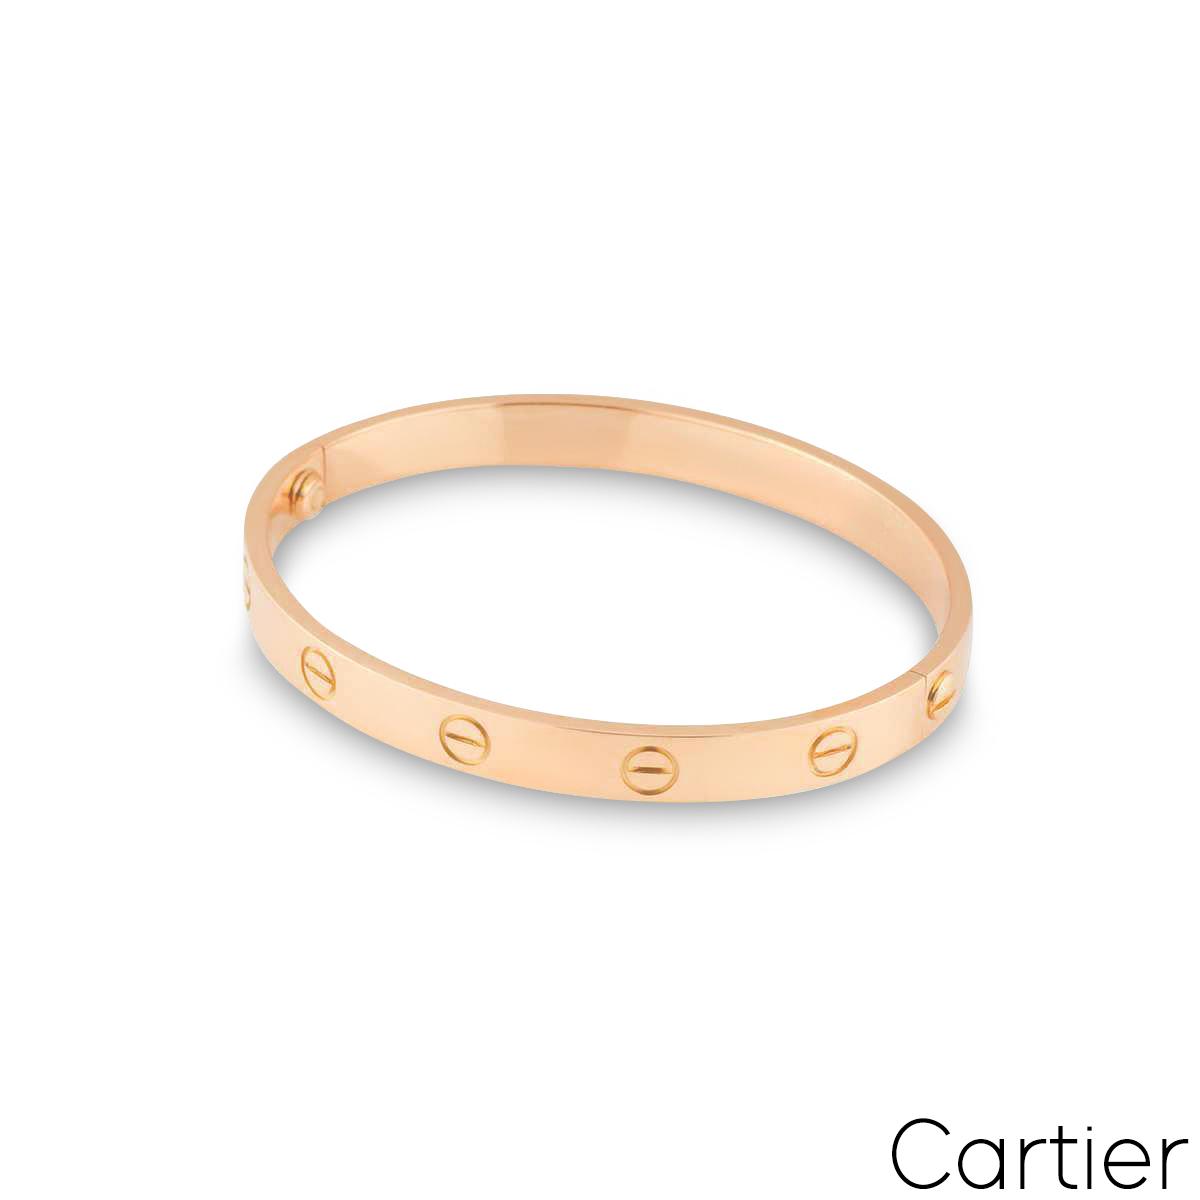 Cartier Rose Gold Plain Love Bracelet Size 16 B6035616